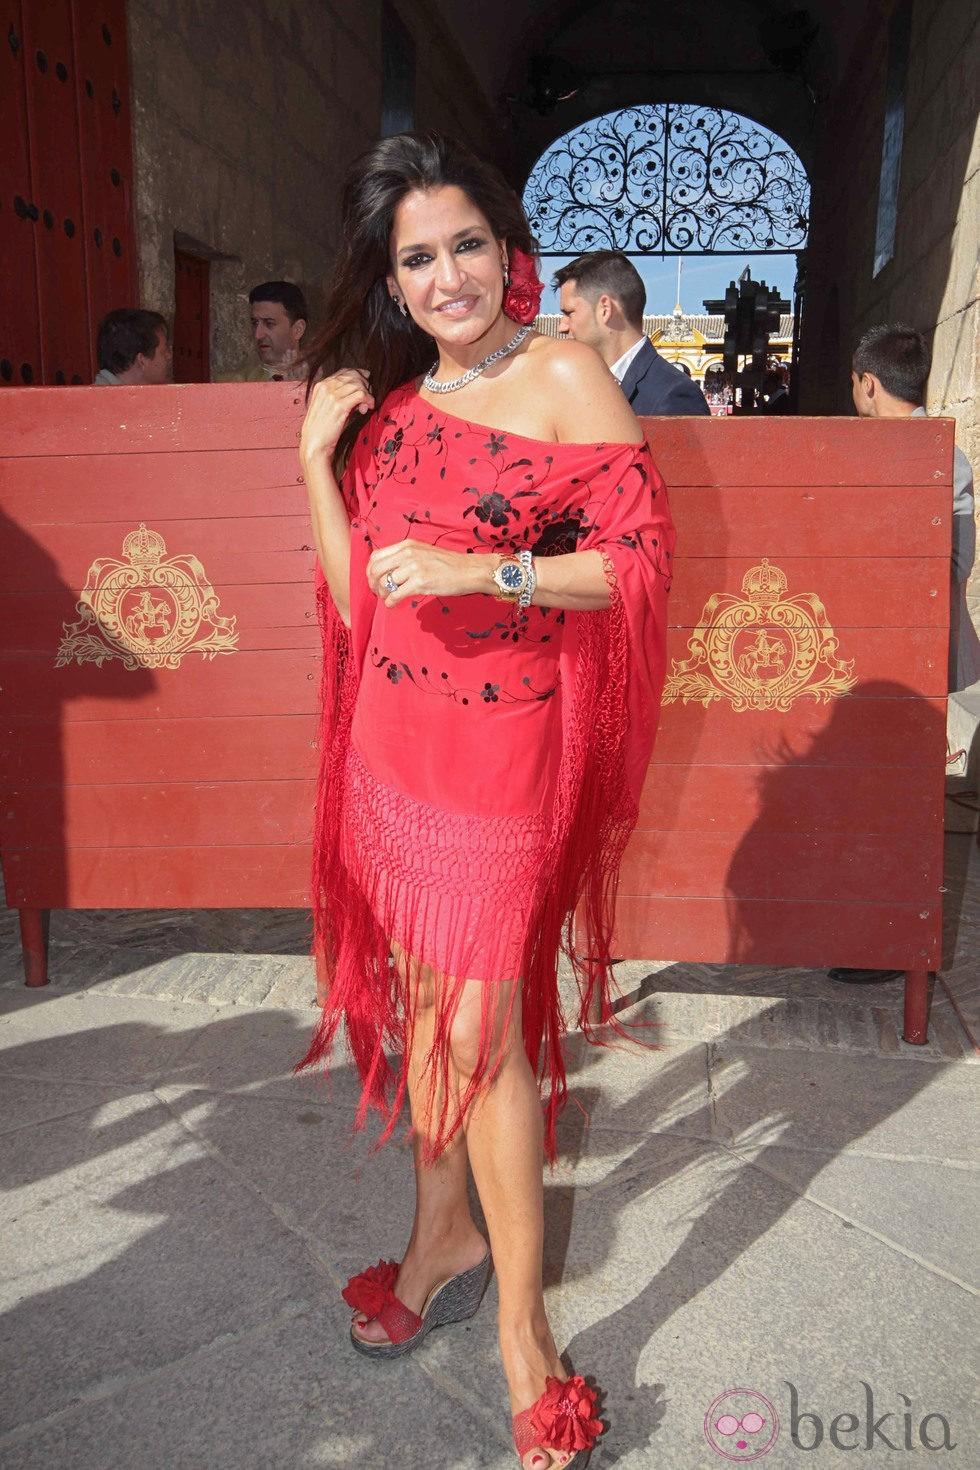 Aida Nizar Desnuda fotos de aída nízar desnuda - fotos de famosas.tk :.